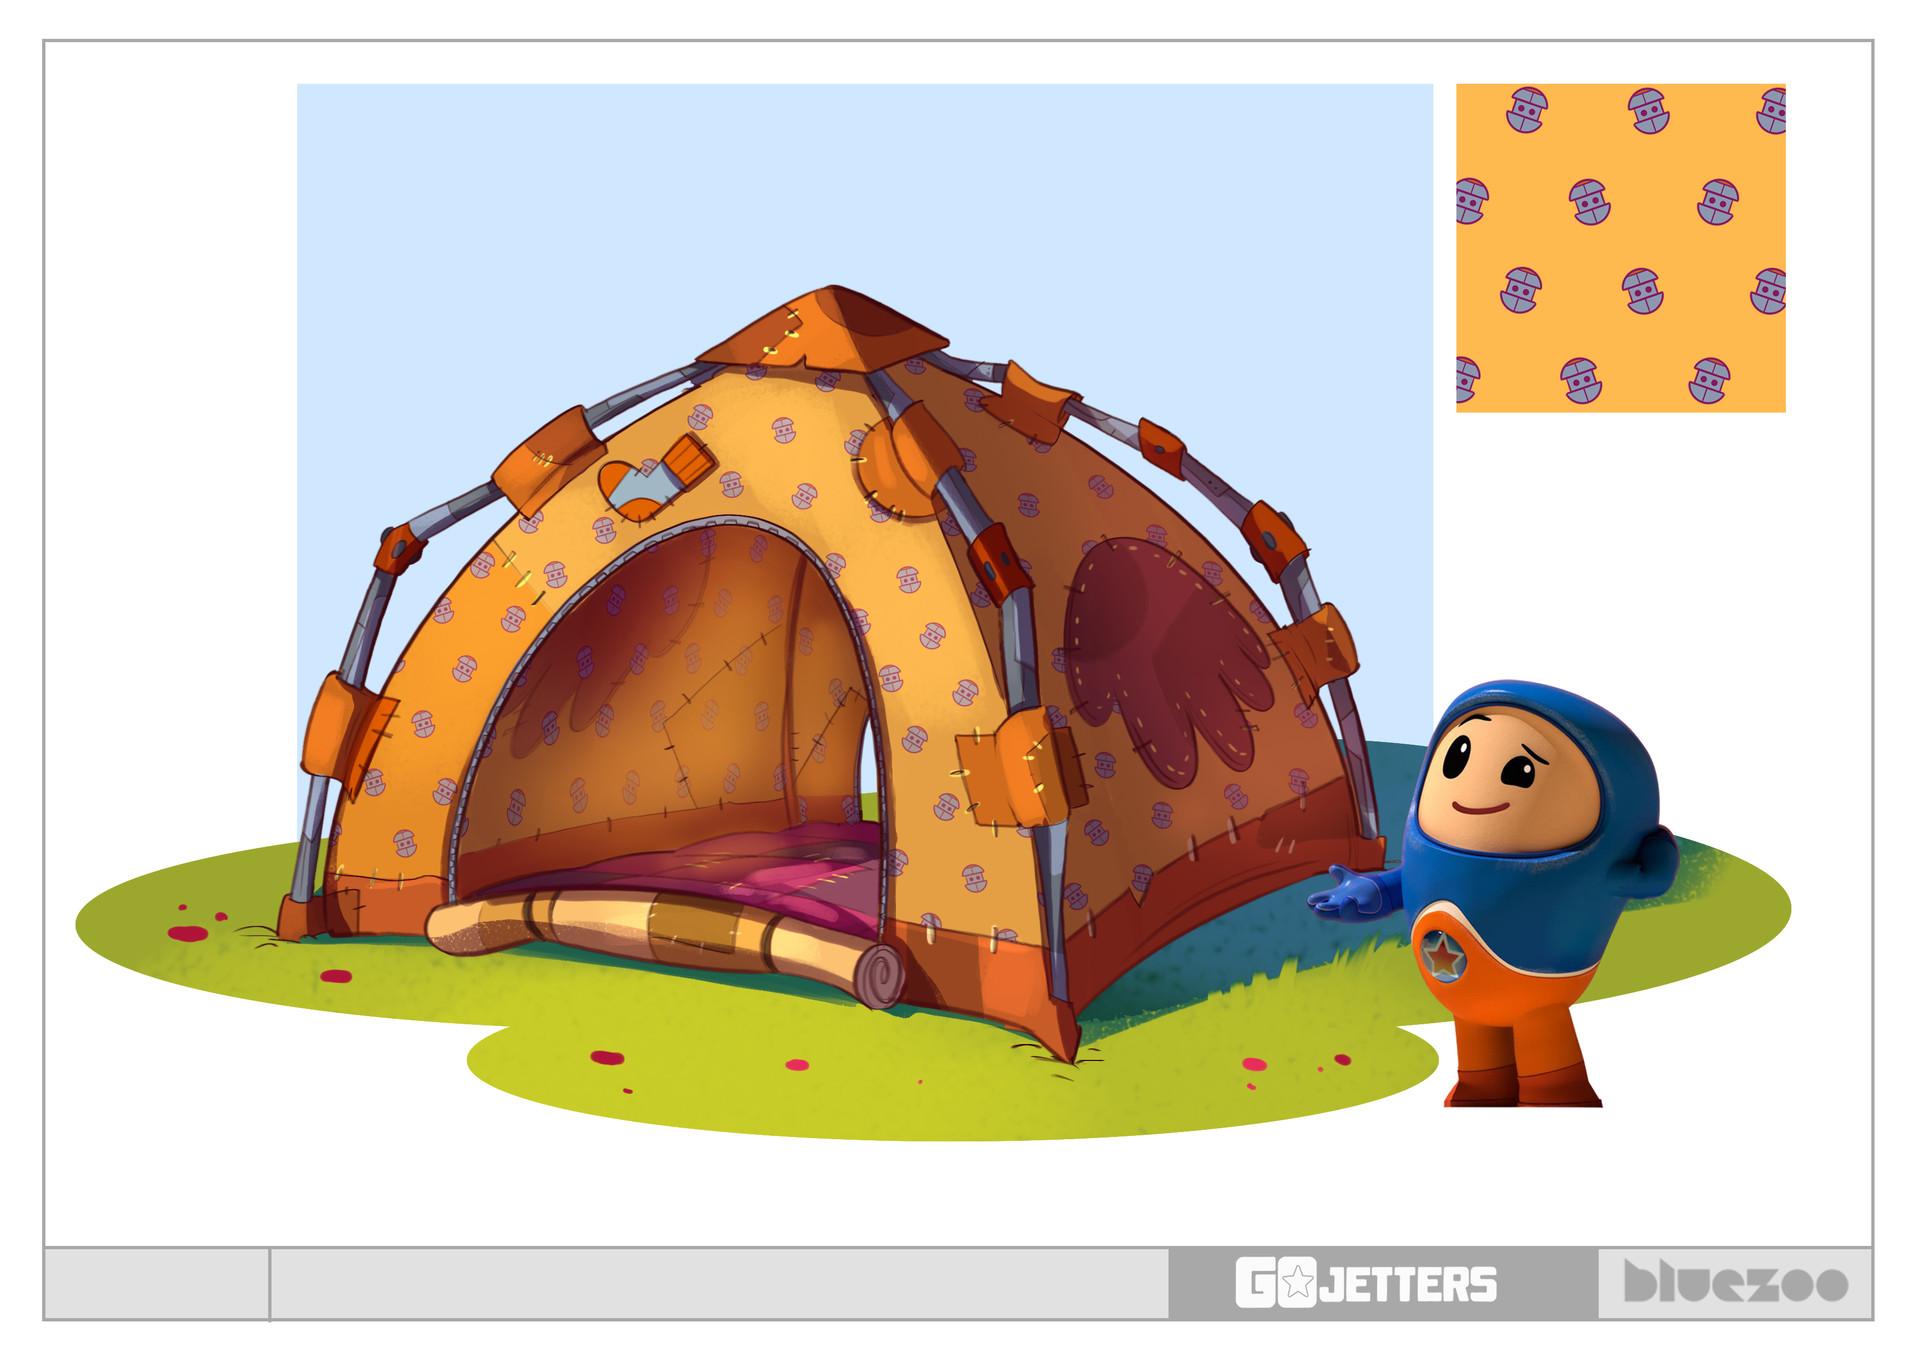 Francesco mazza grimbots tent v01